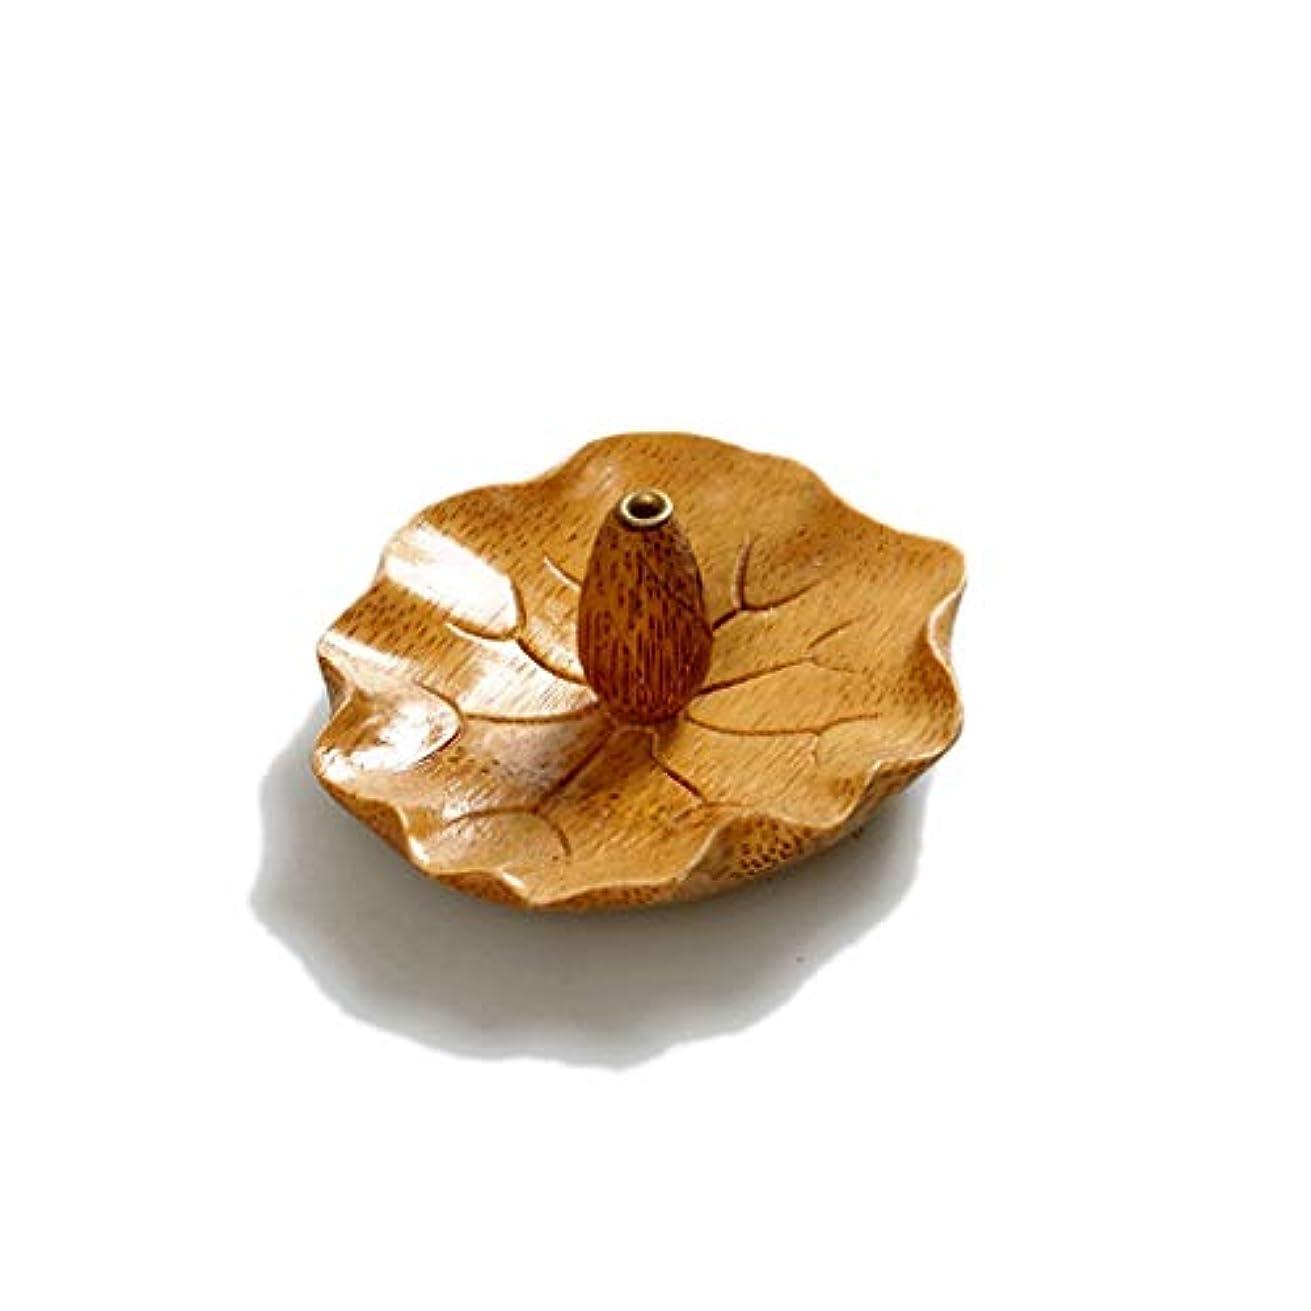 防止配管工急いでクリエイティブ竹香ホルダー瞑想香バーナー手作りの葉形の家の装飾香スティックコーンバーナーホルダー (Color : C)